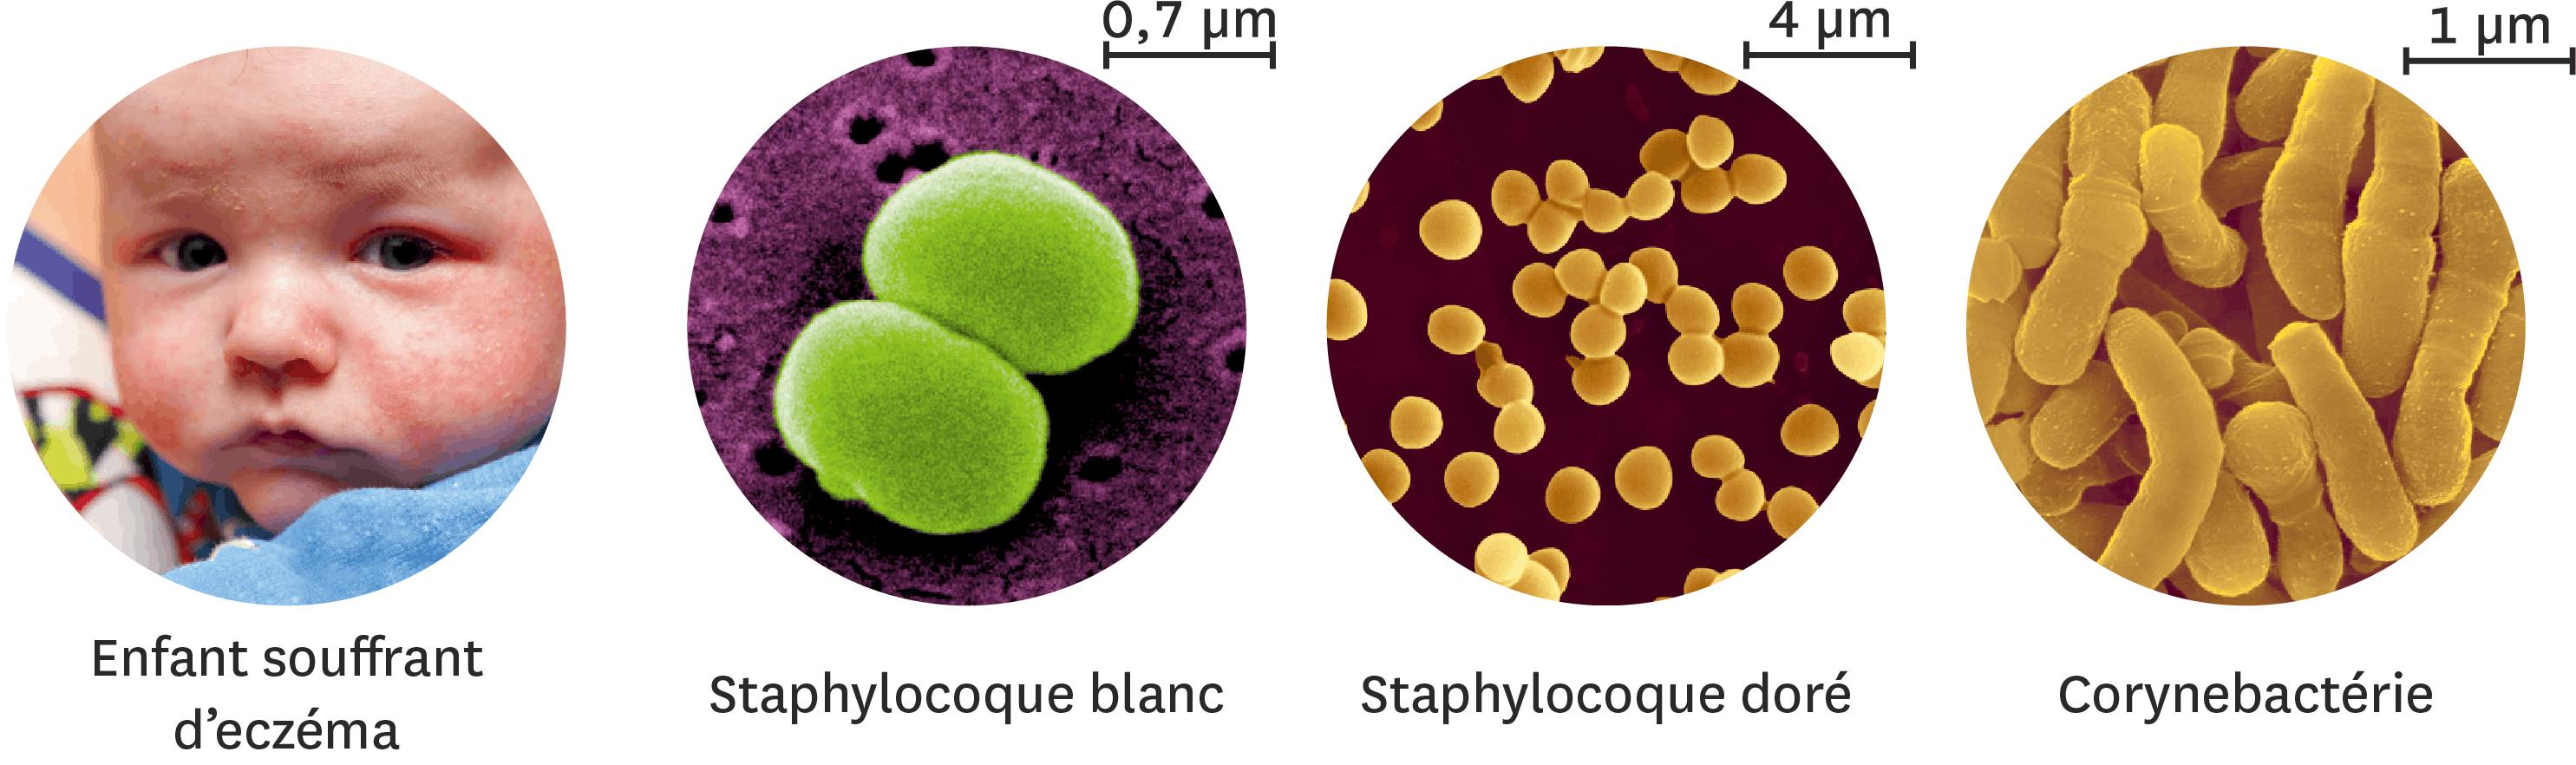 <stamp theme='svt-green1'>Doc. 4</stamp> Quelques espèces observées sur la peau humaine, chez un enfant souffrant d'eczema.